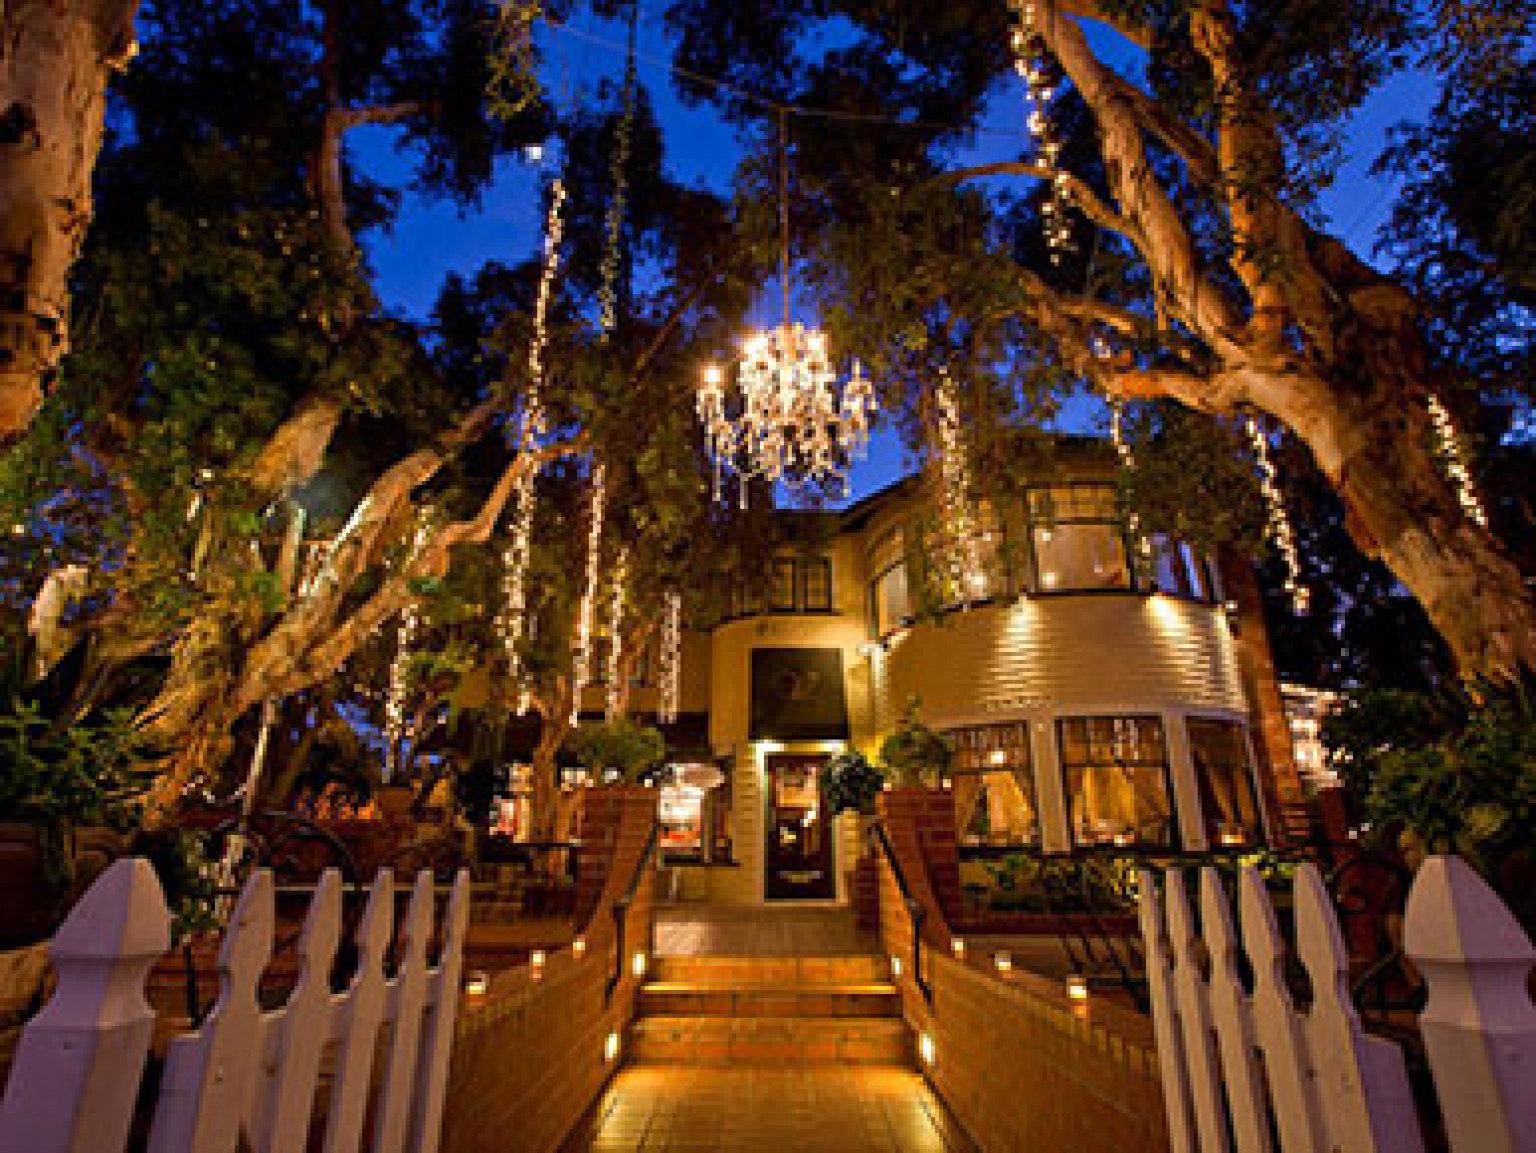 LA Wedding Venues: Best Restaurants, Museums & Gardens ...